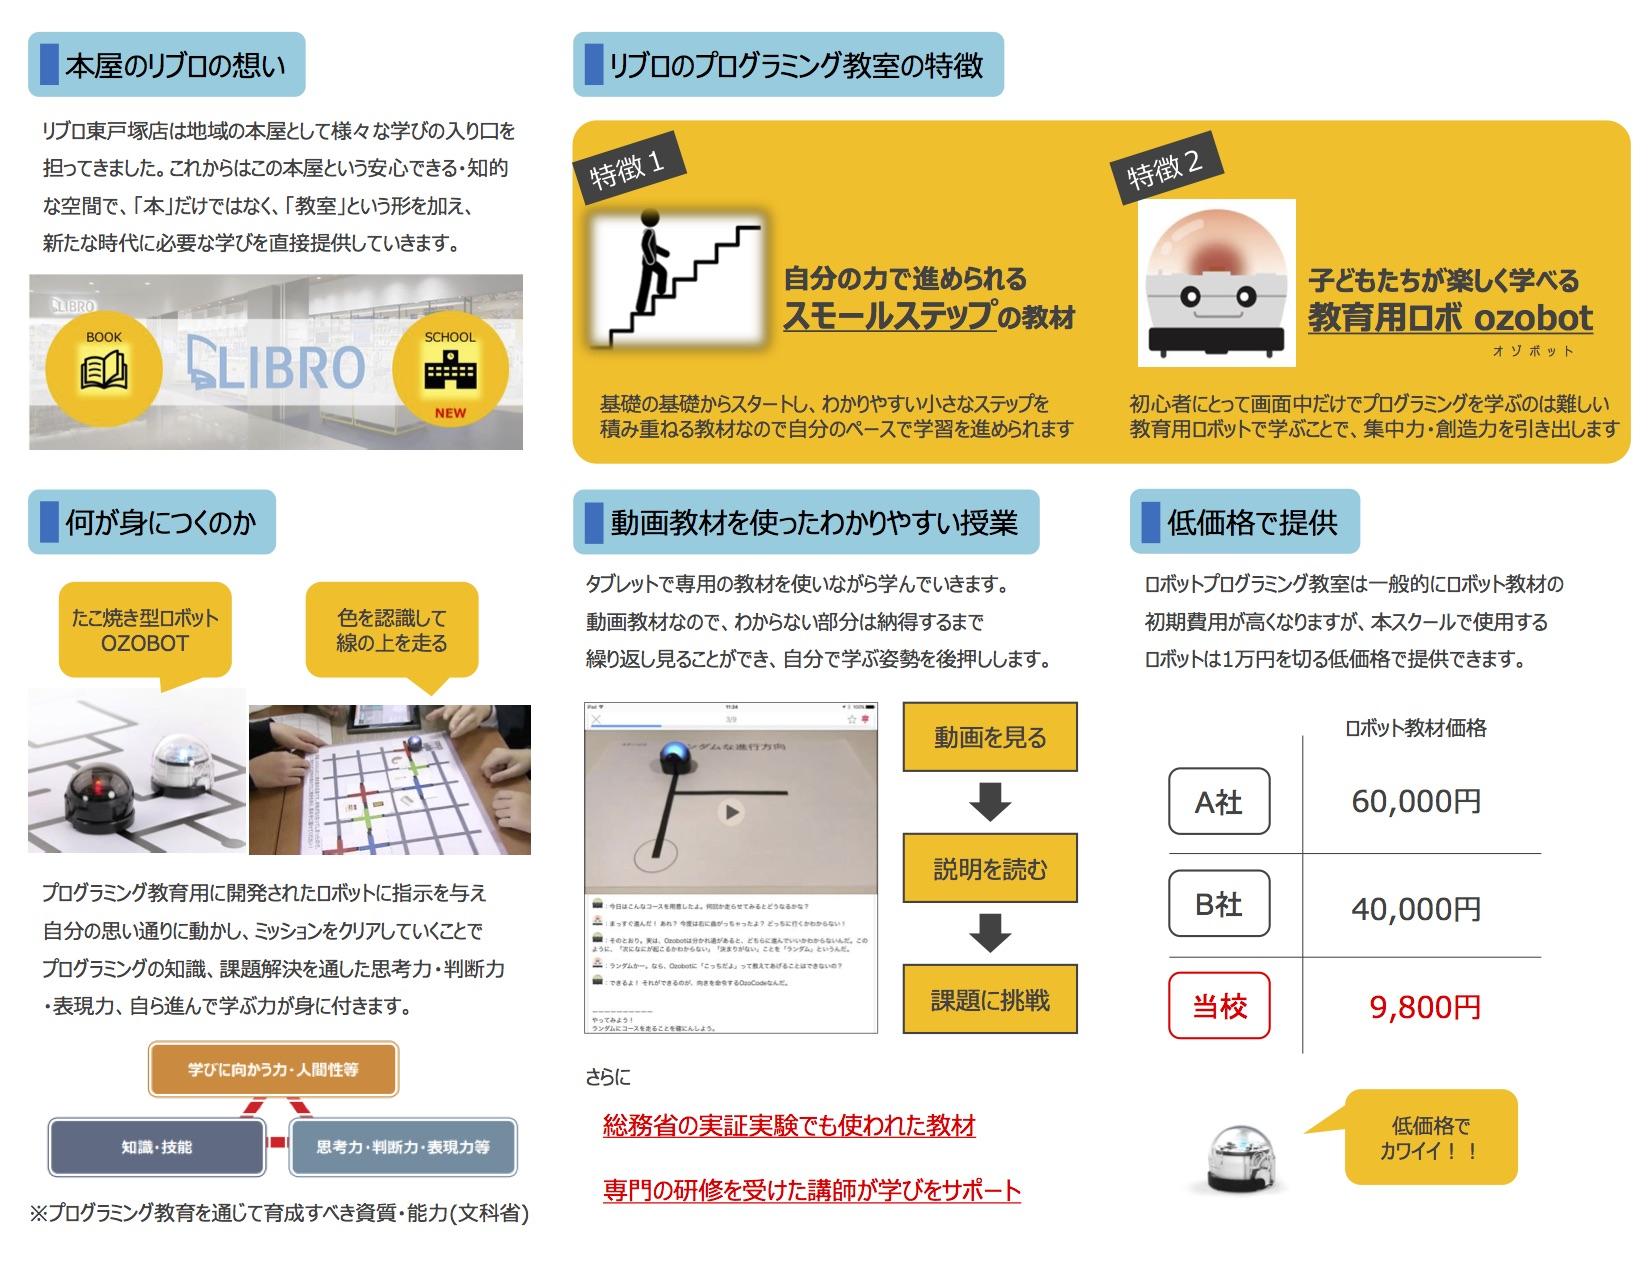 【C】Tech&Books for Kidsパンフレットv1.12.jpg